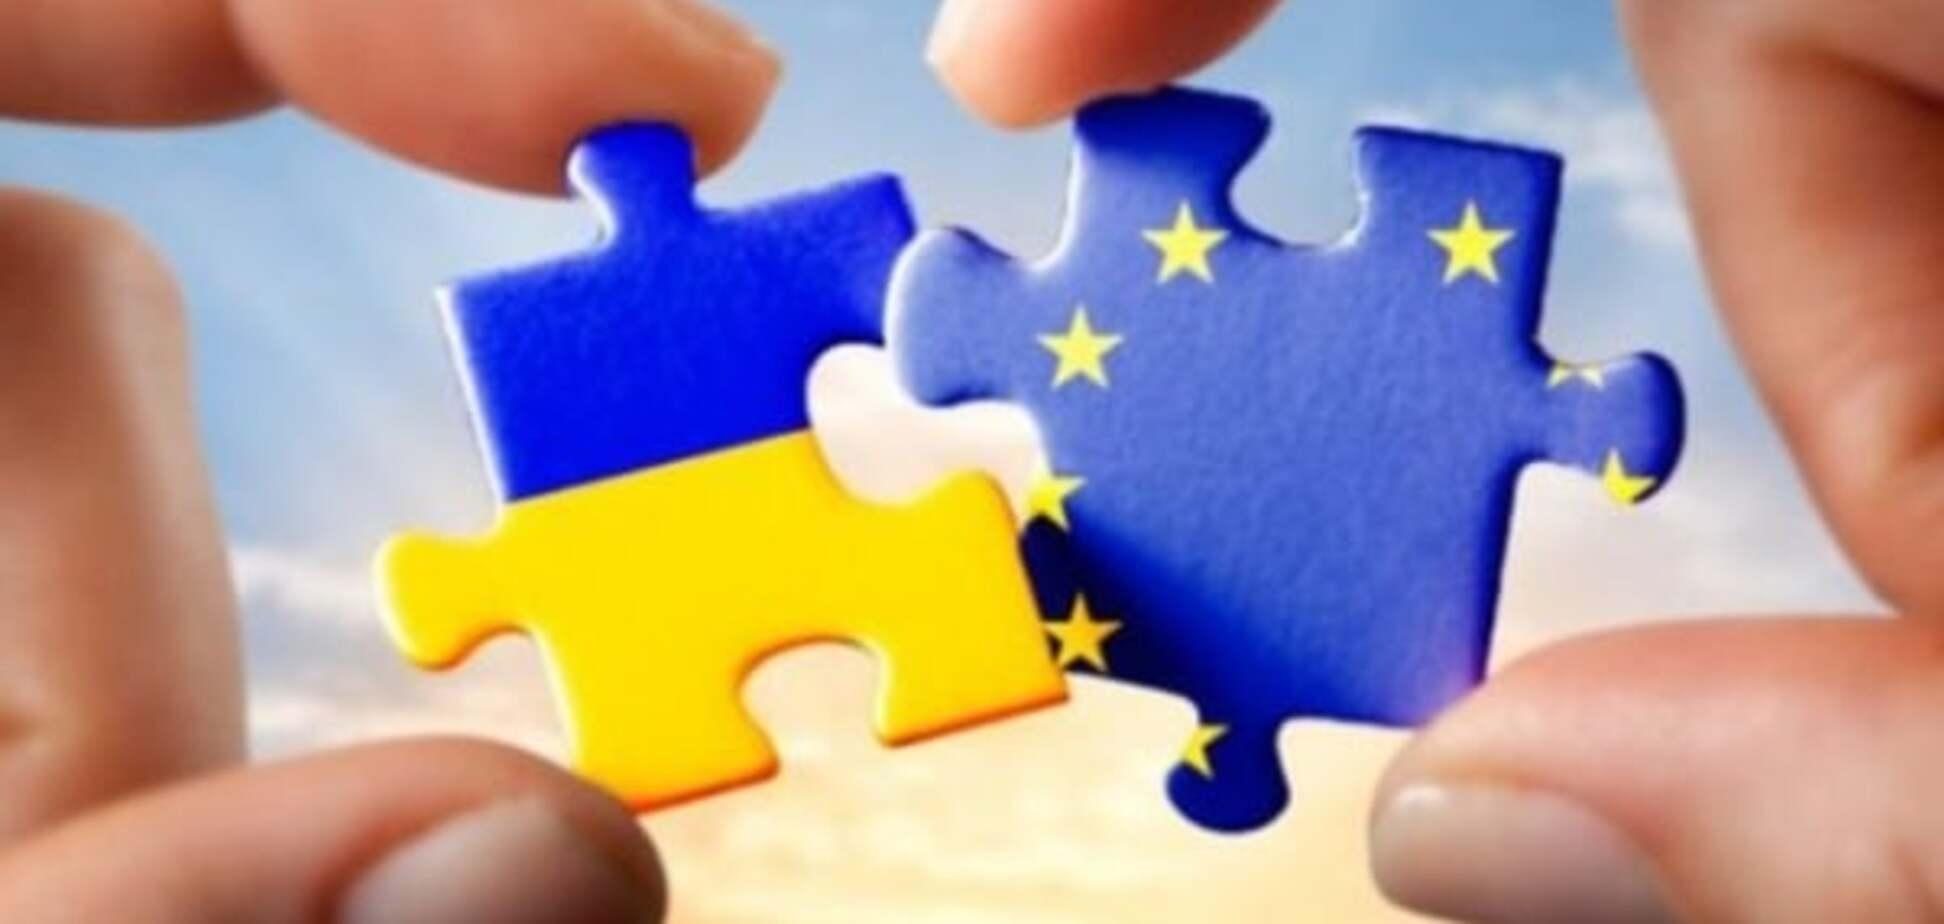 Звернення Асоціації платників податків України до громади Королівства Нідерланди